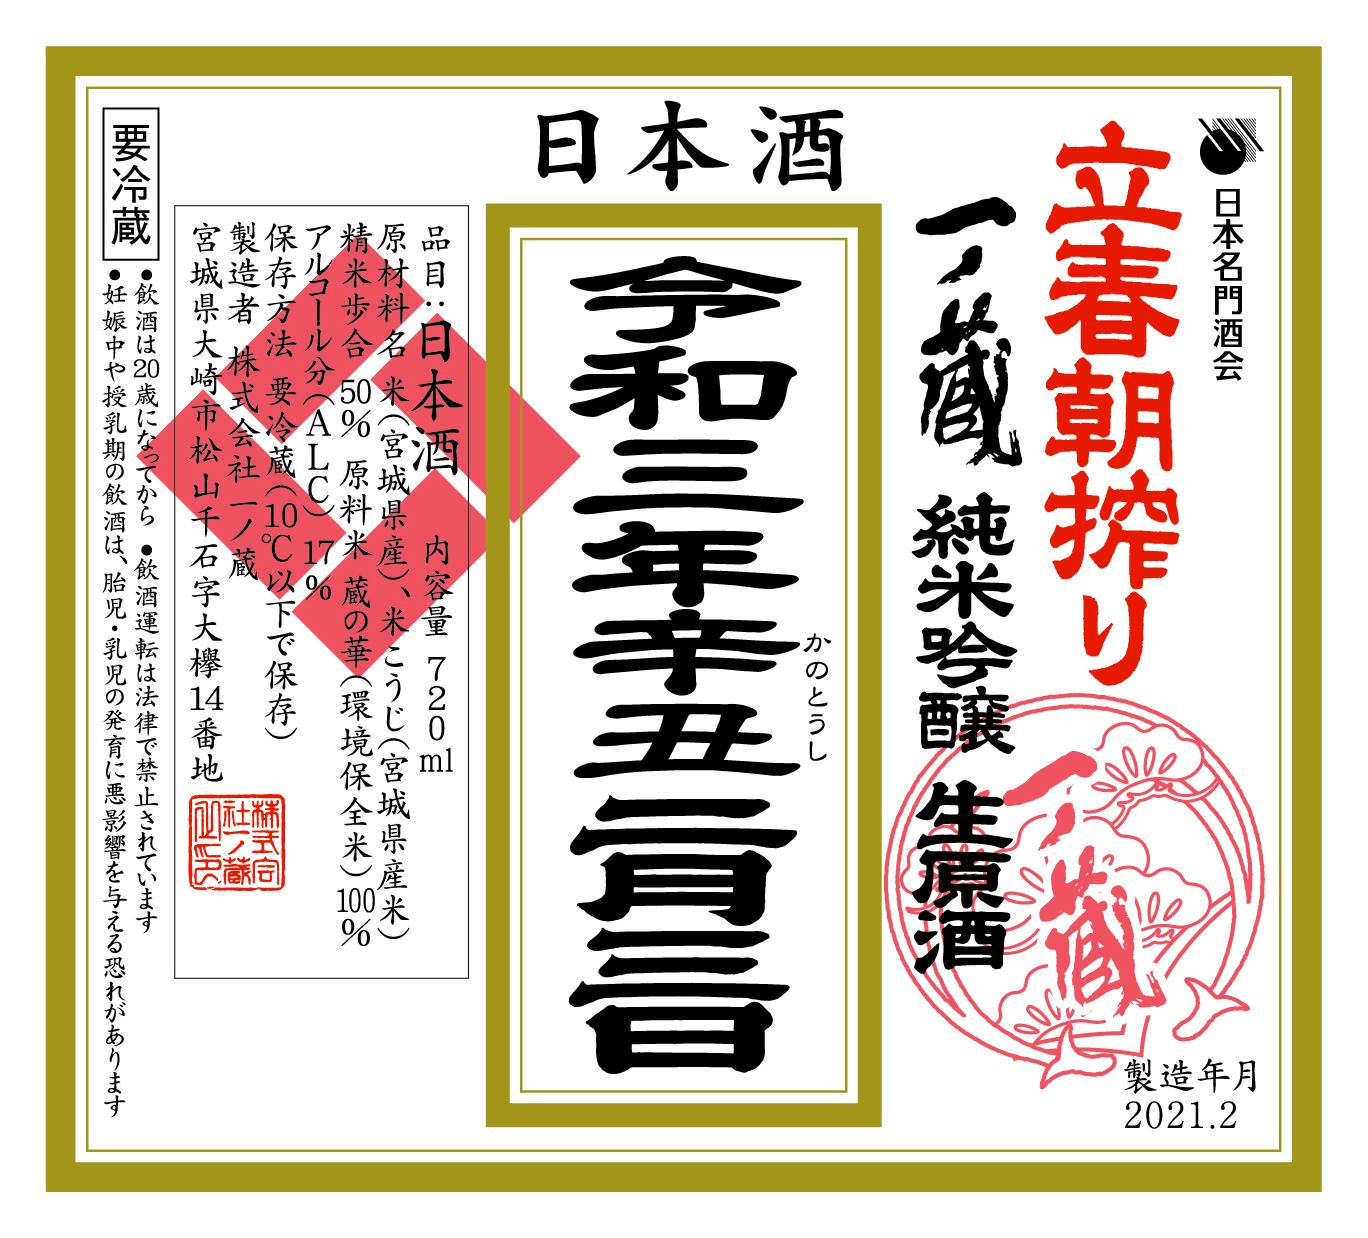 一ノ蔵立春朝搾り(日本名門酒会限定商品)